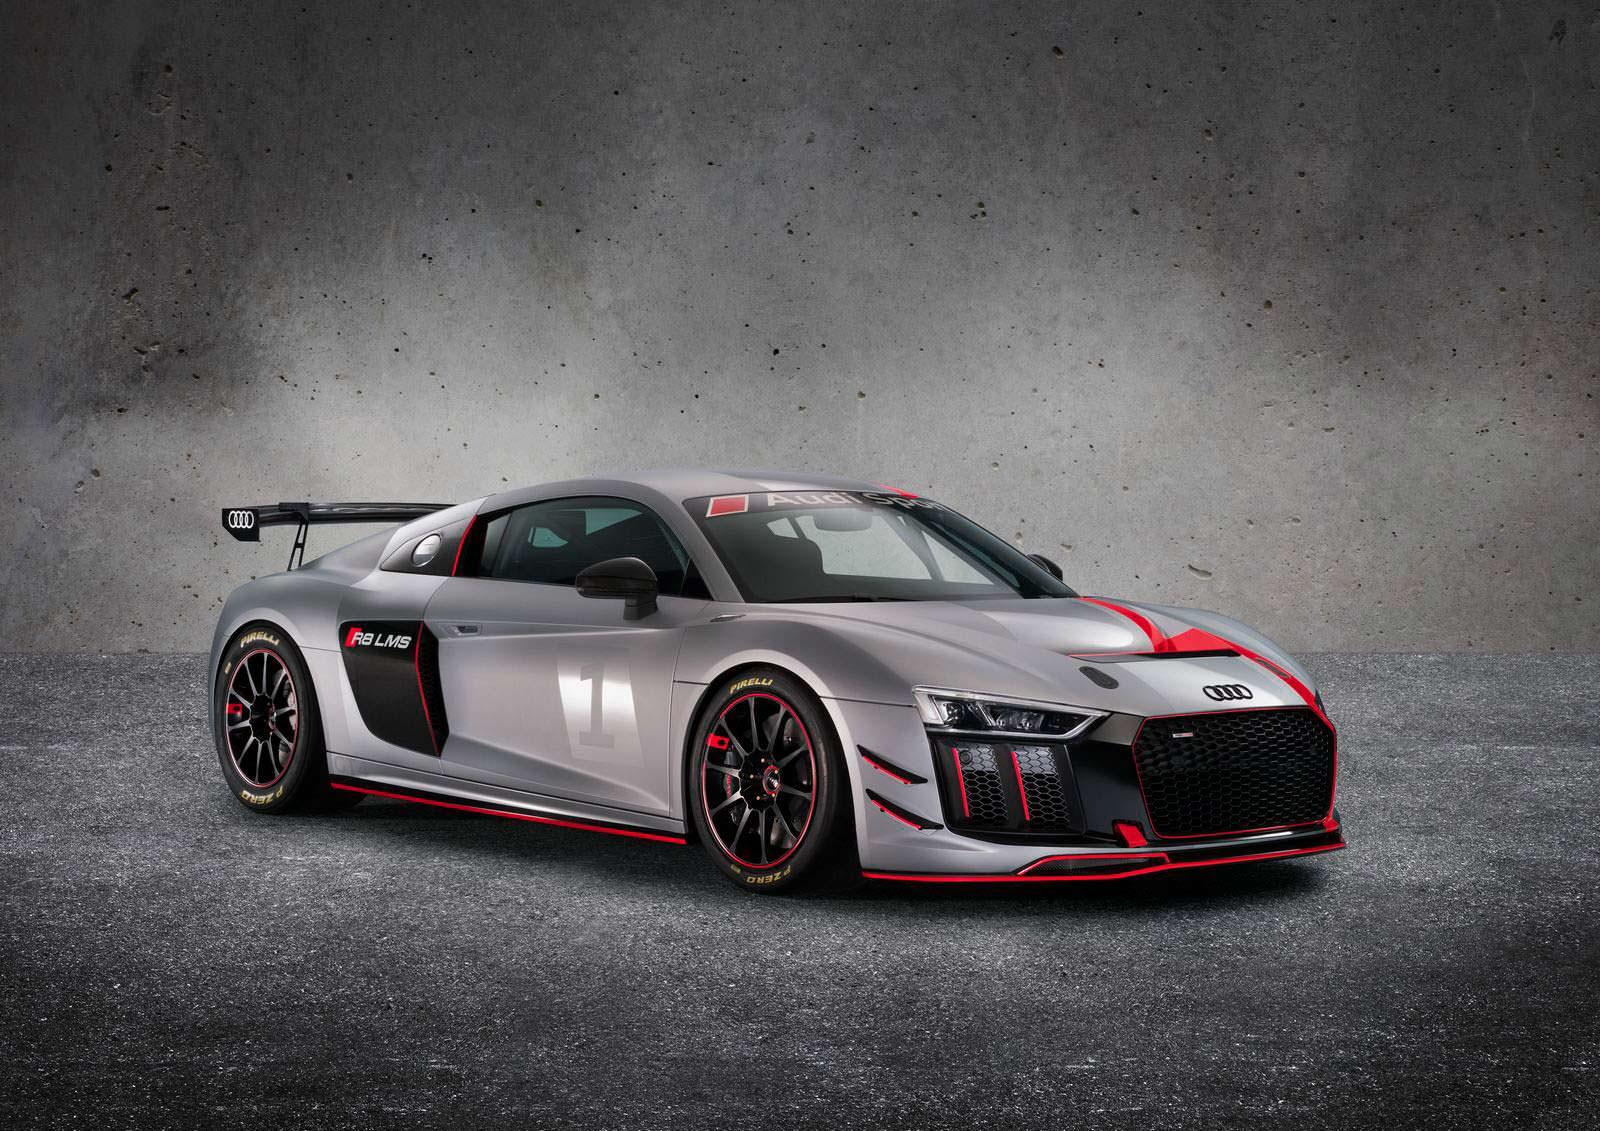 Ауди представила особый спорткар R8 LMS GT4